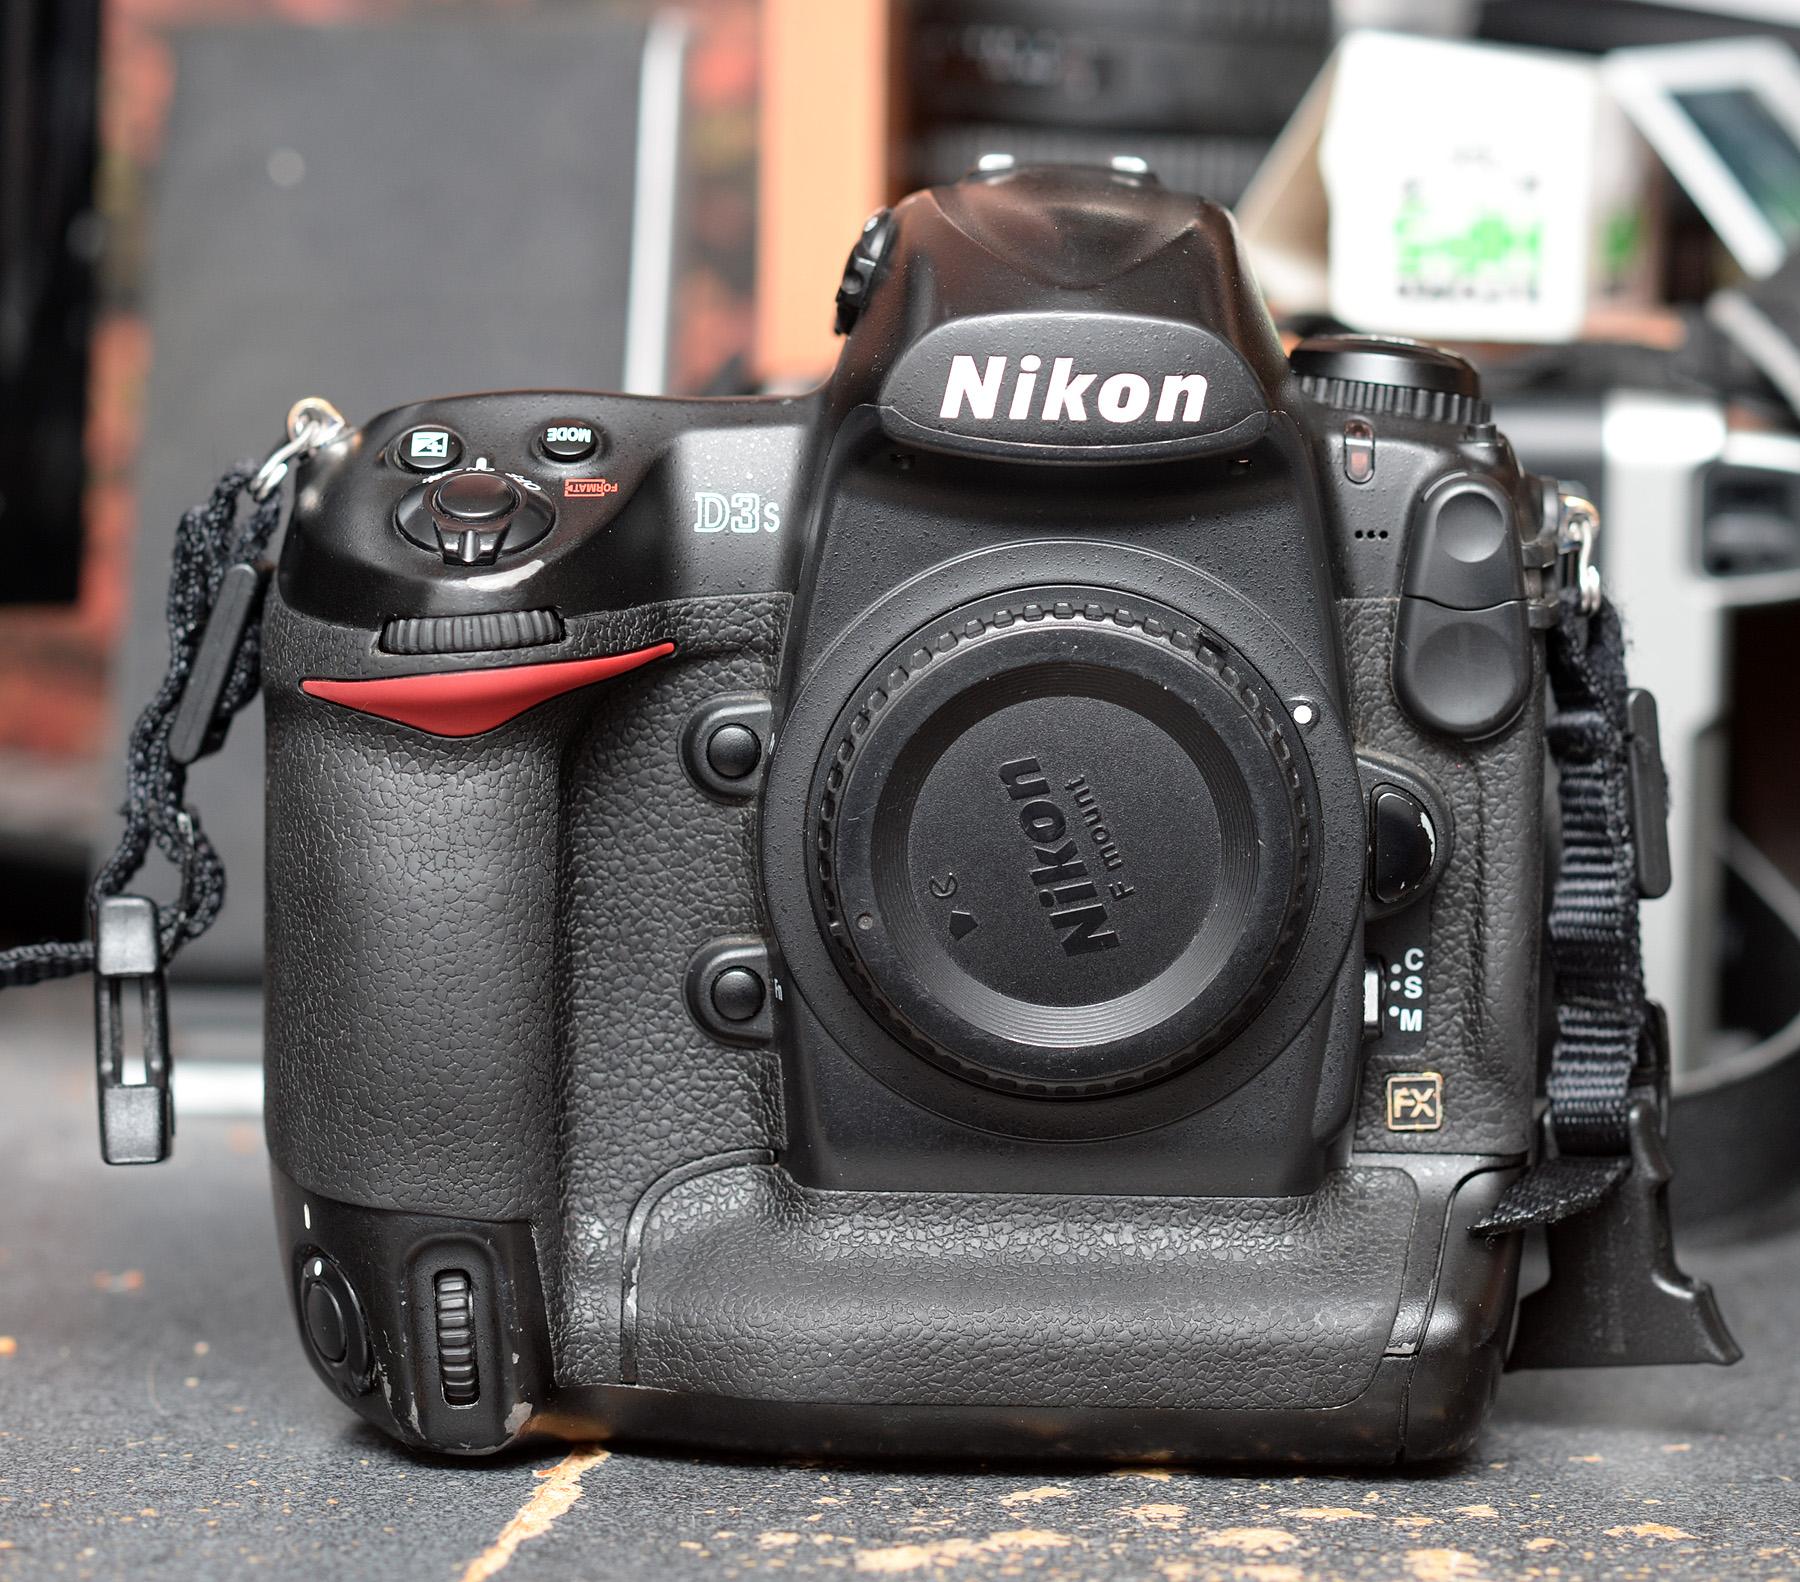 Sold: Nikon D3s $600 - FM Forums